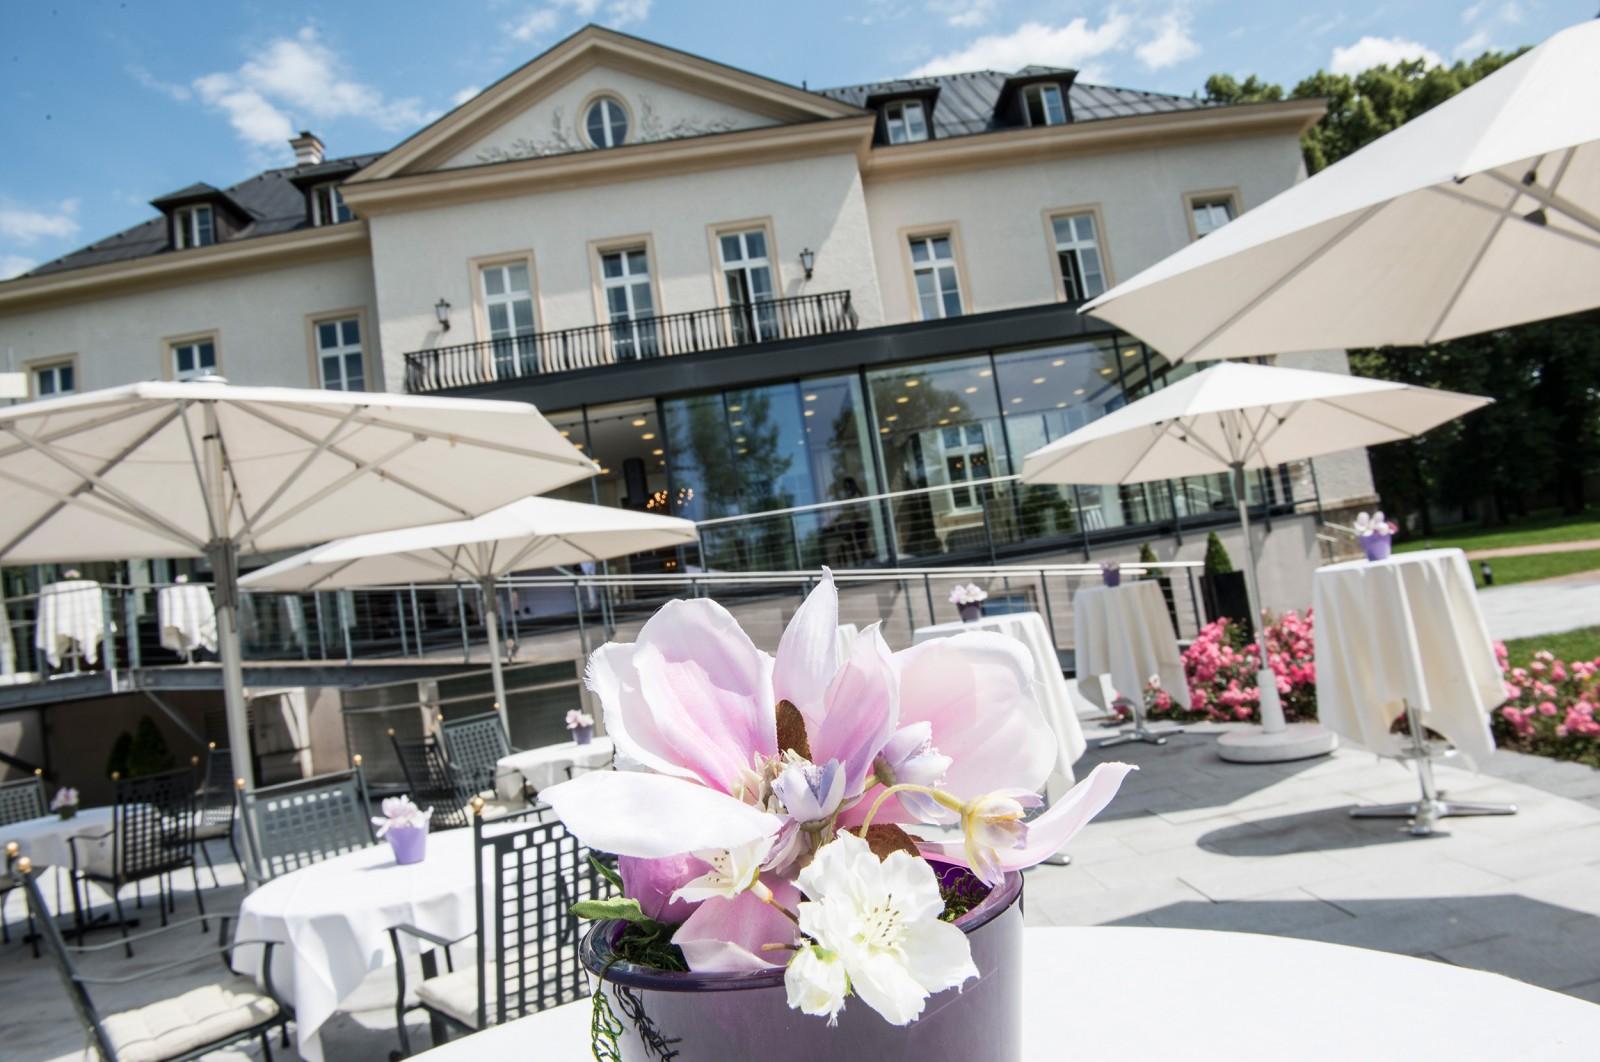 Exklusiv feiern im Kavalierhaus Salzburg